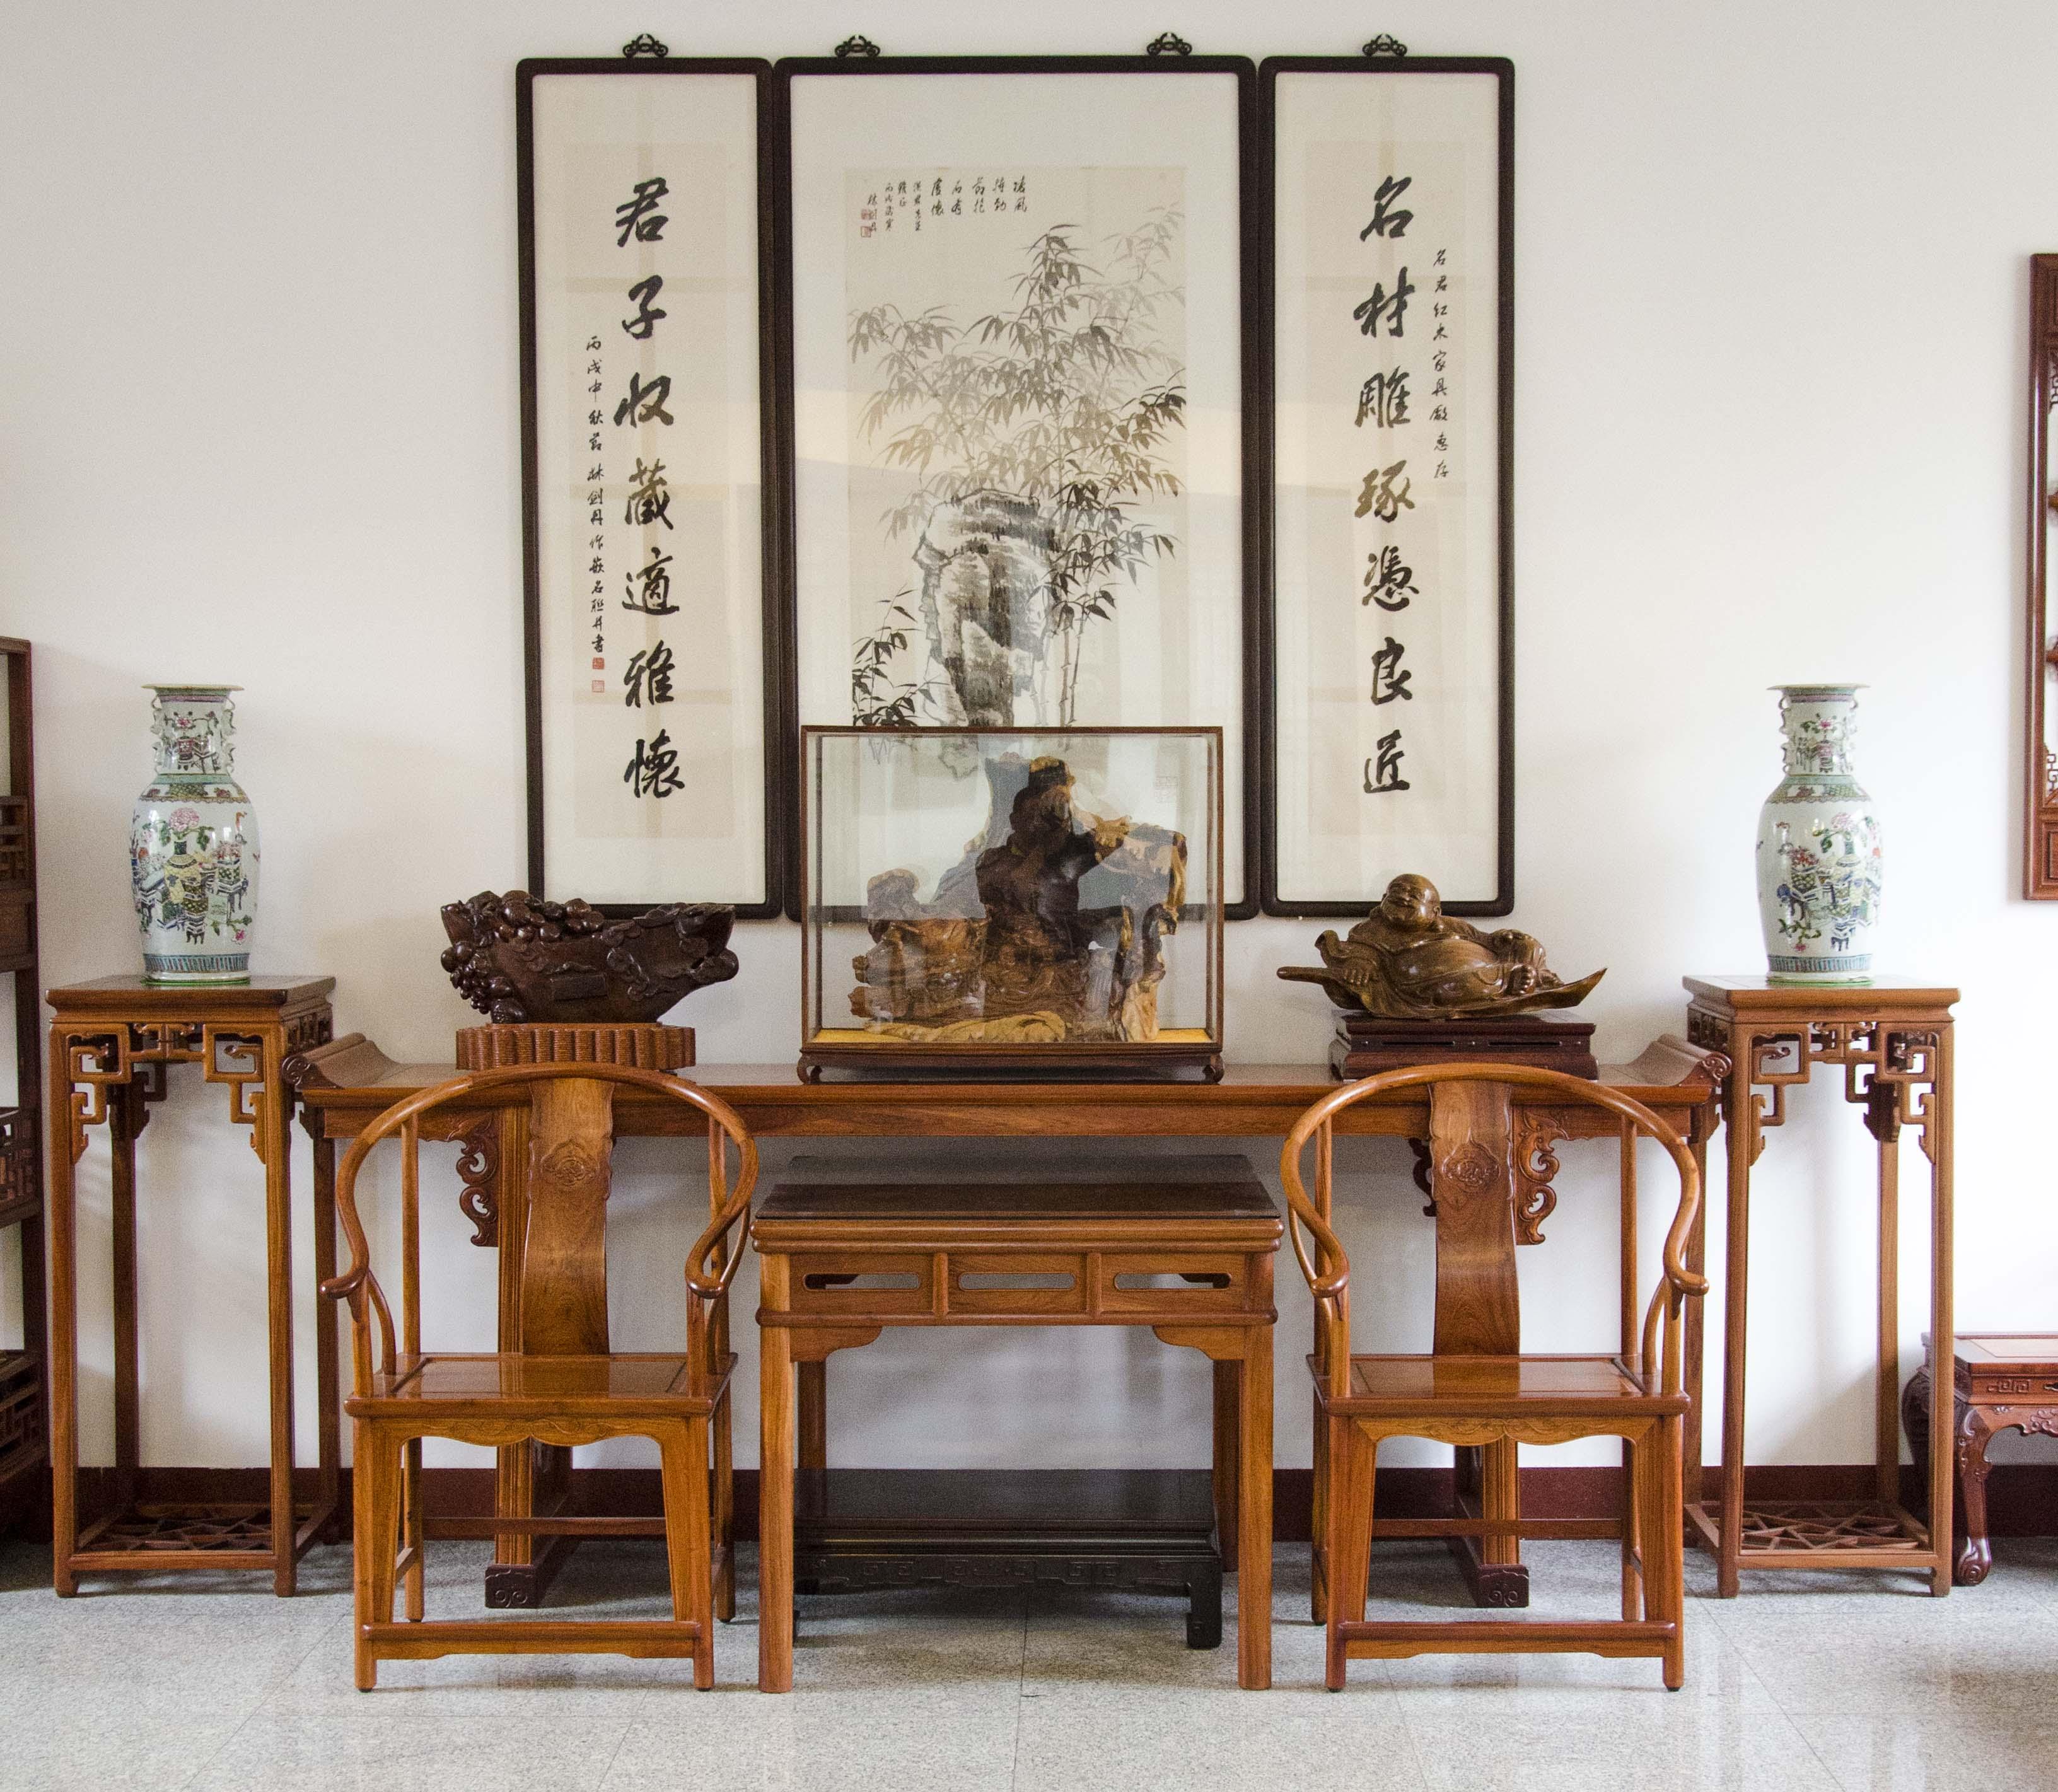 把明清样式的红木家具与具有收藏价值的红木艺术品结合,使得红木家具